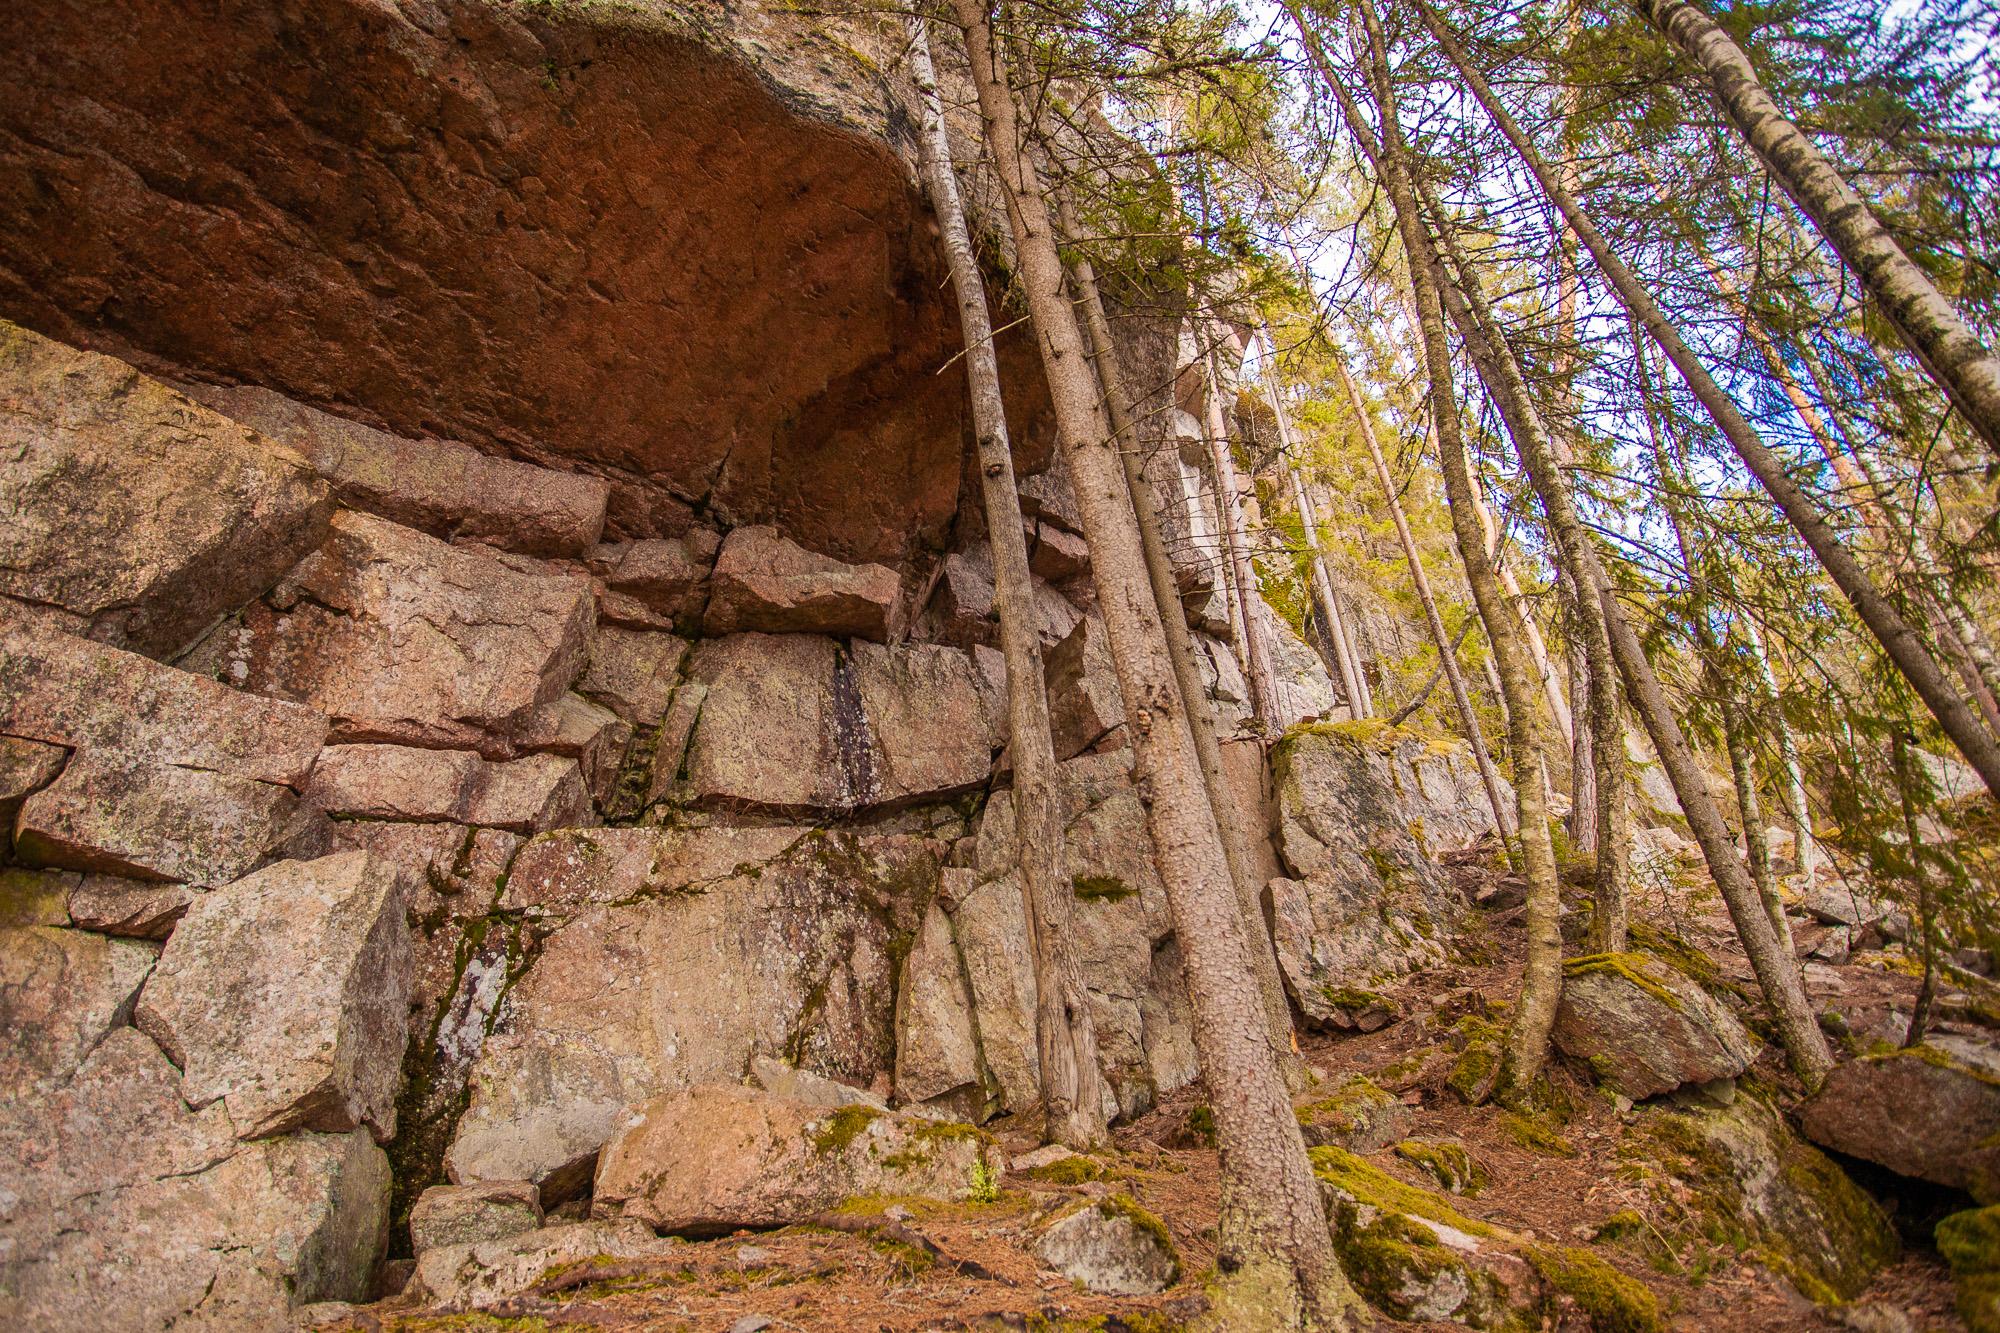 Koljatin kallio